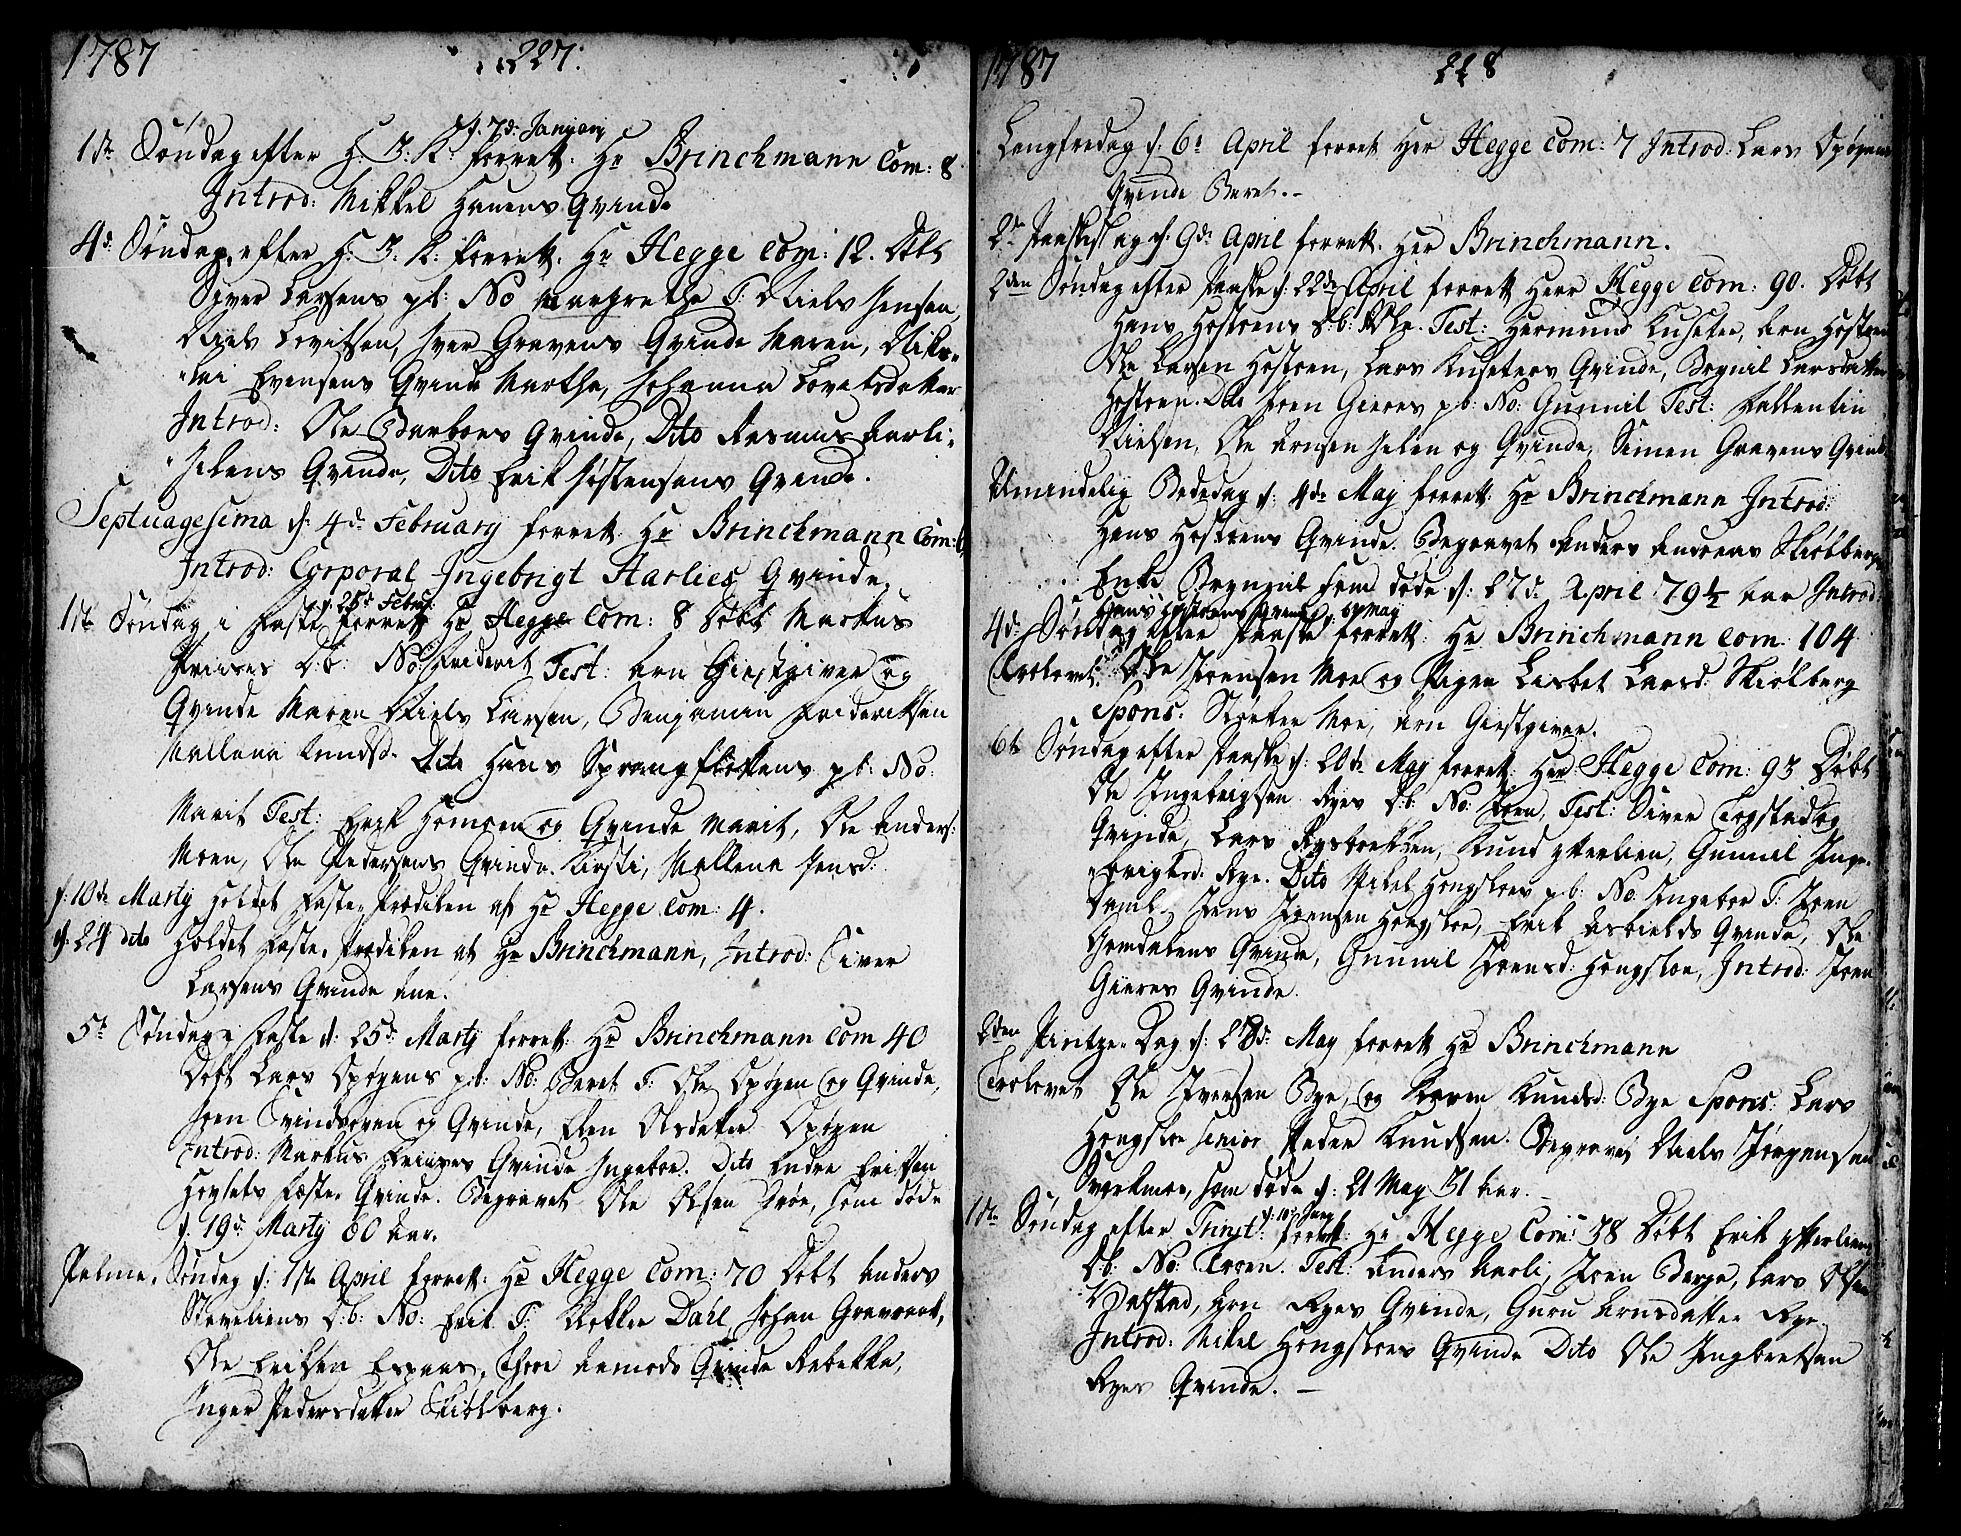 SAT, Ministerialprotokoller, klokkerbøker og fødselsregistre - Sør-Trøndelag, 671/L0840: Ministerialbok nr. 671A02, 1756-1794, s. 327-328